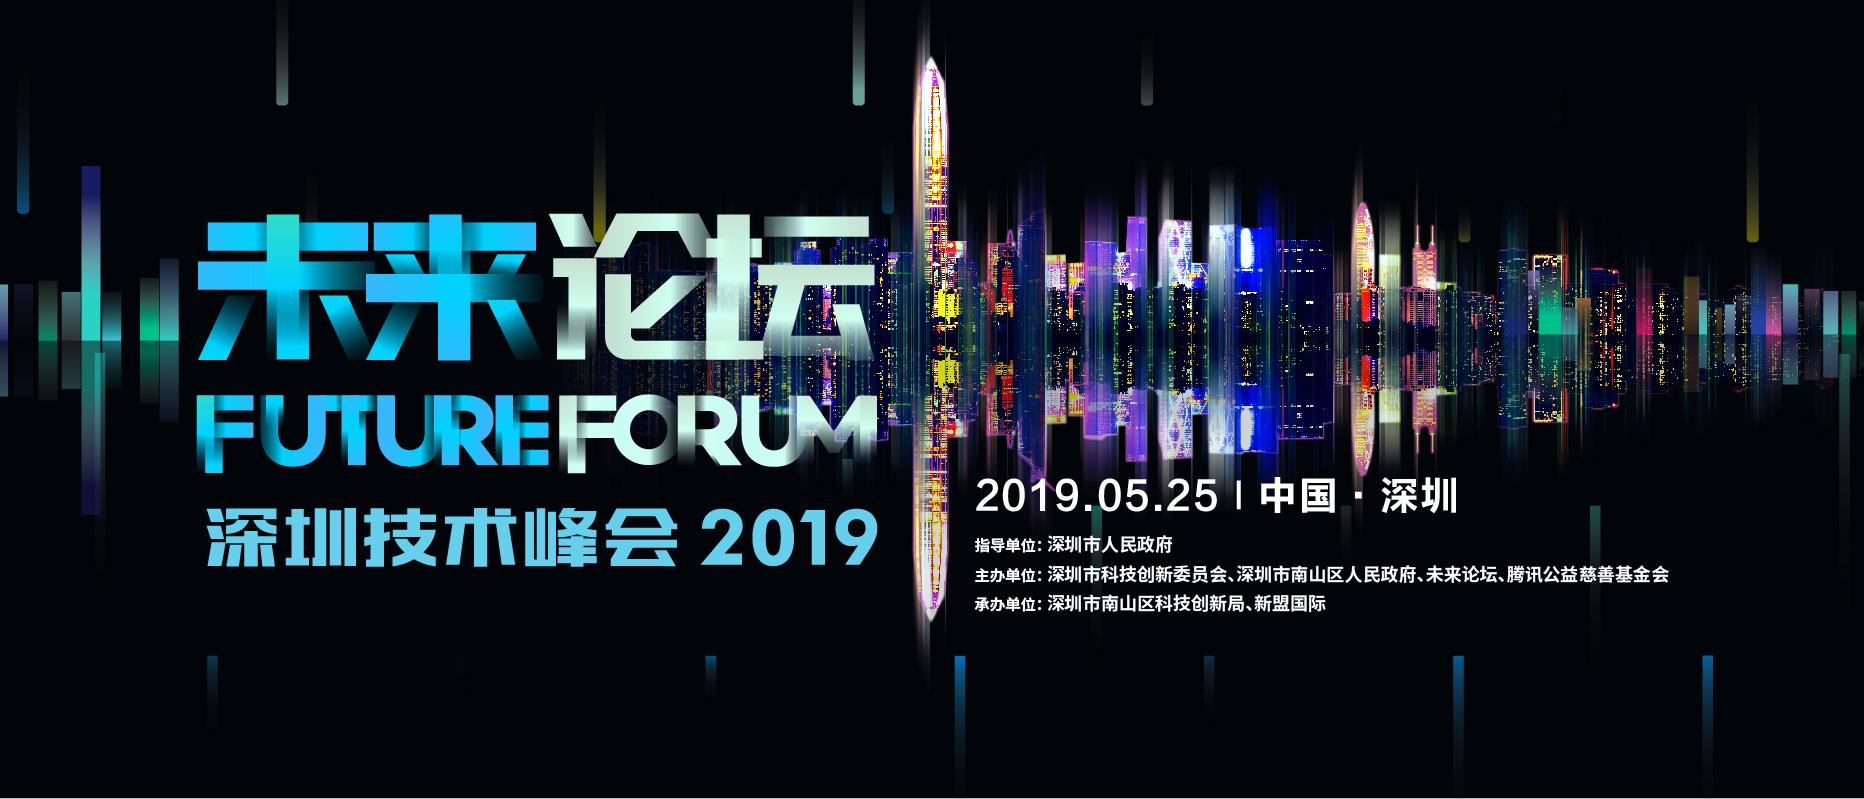 2019年未来论坛深圳技术峰会